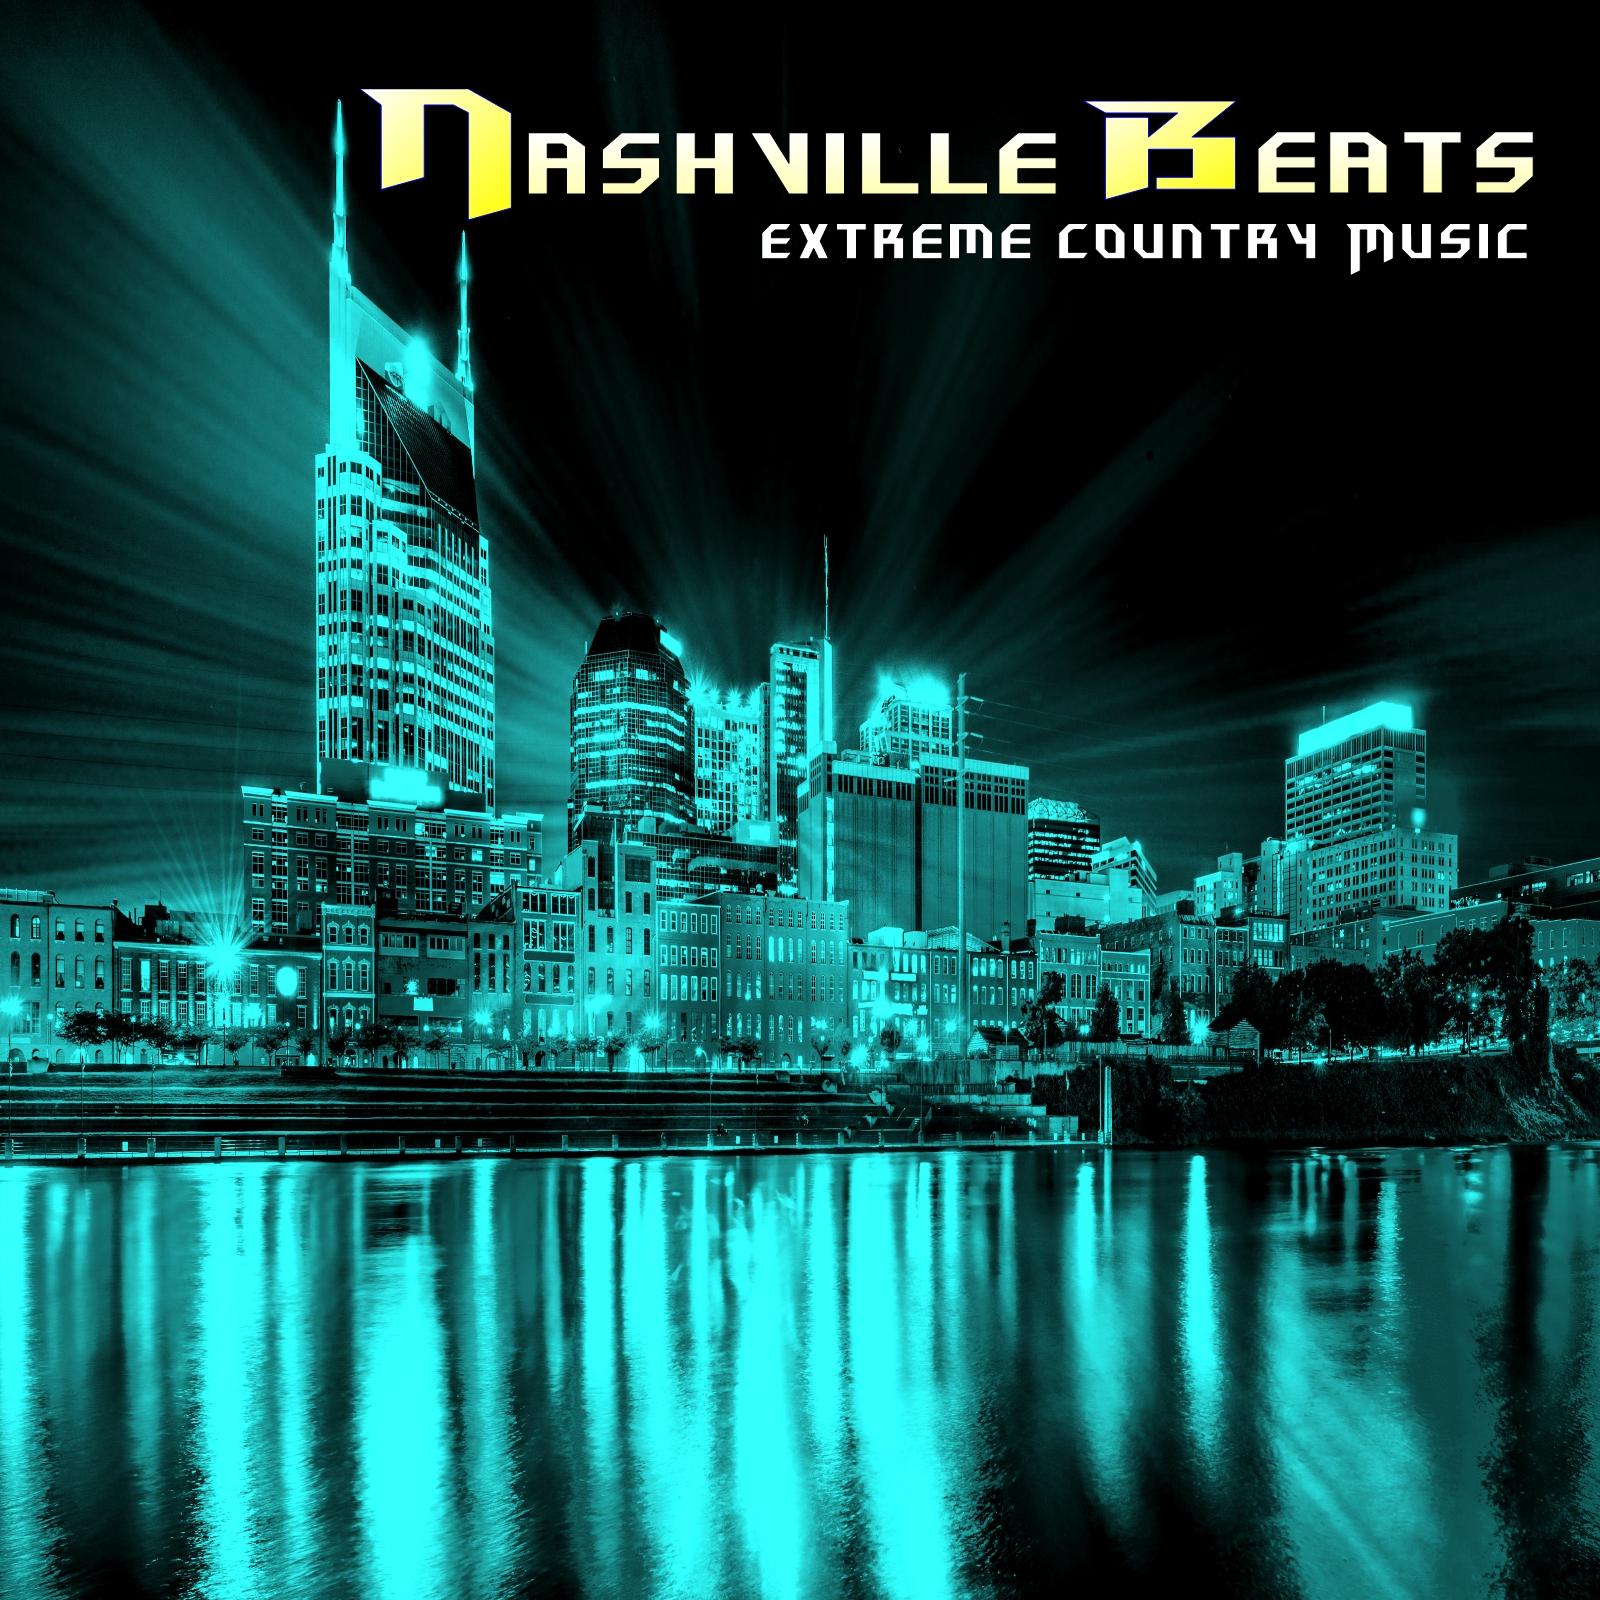 Nashville Beats